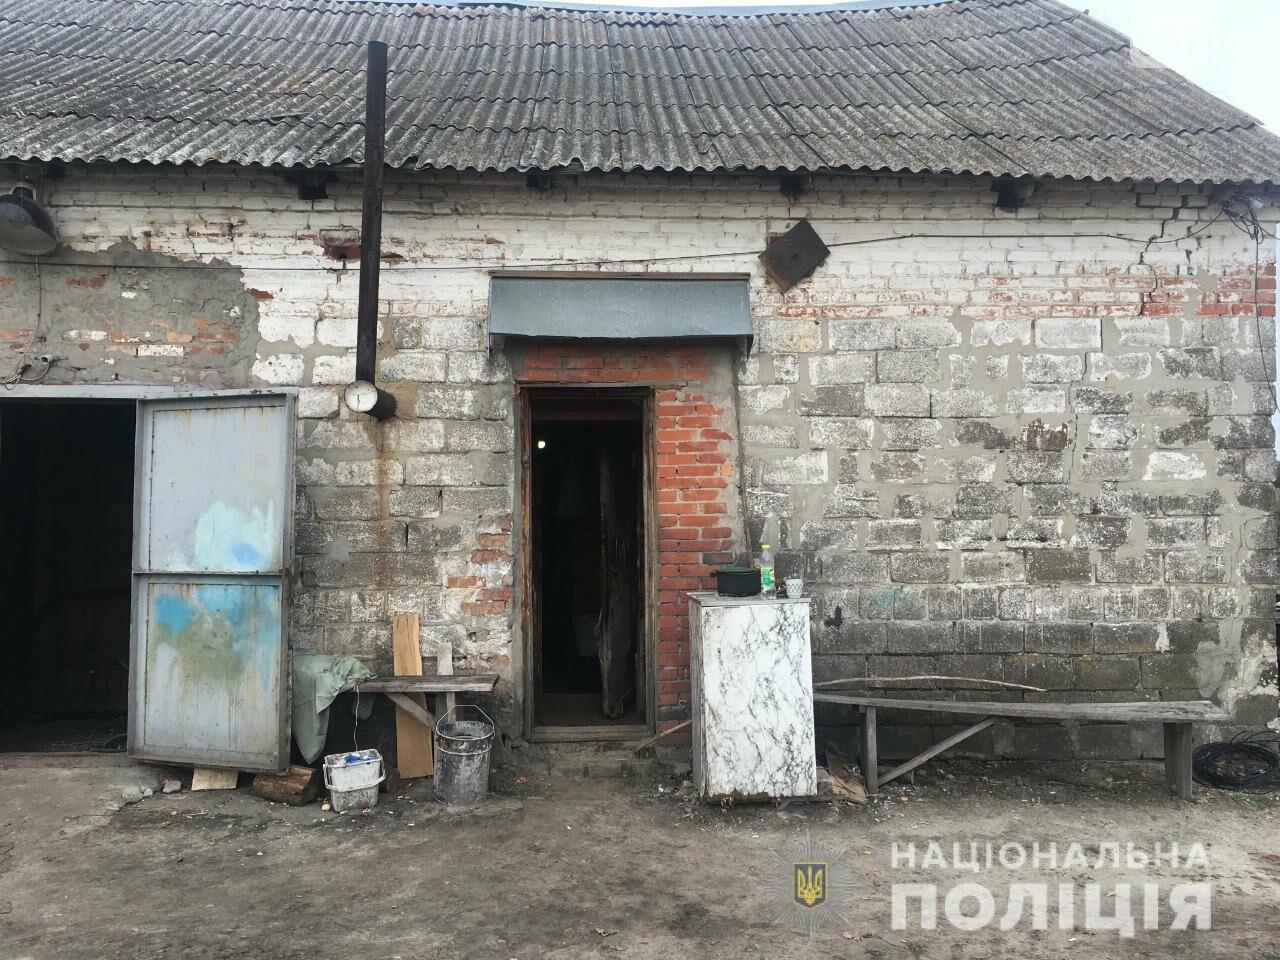 Пили алкоголь и поссорились: на Харьковщине мужчина едва не зарезал знакомого, - ФОТО, фото-3